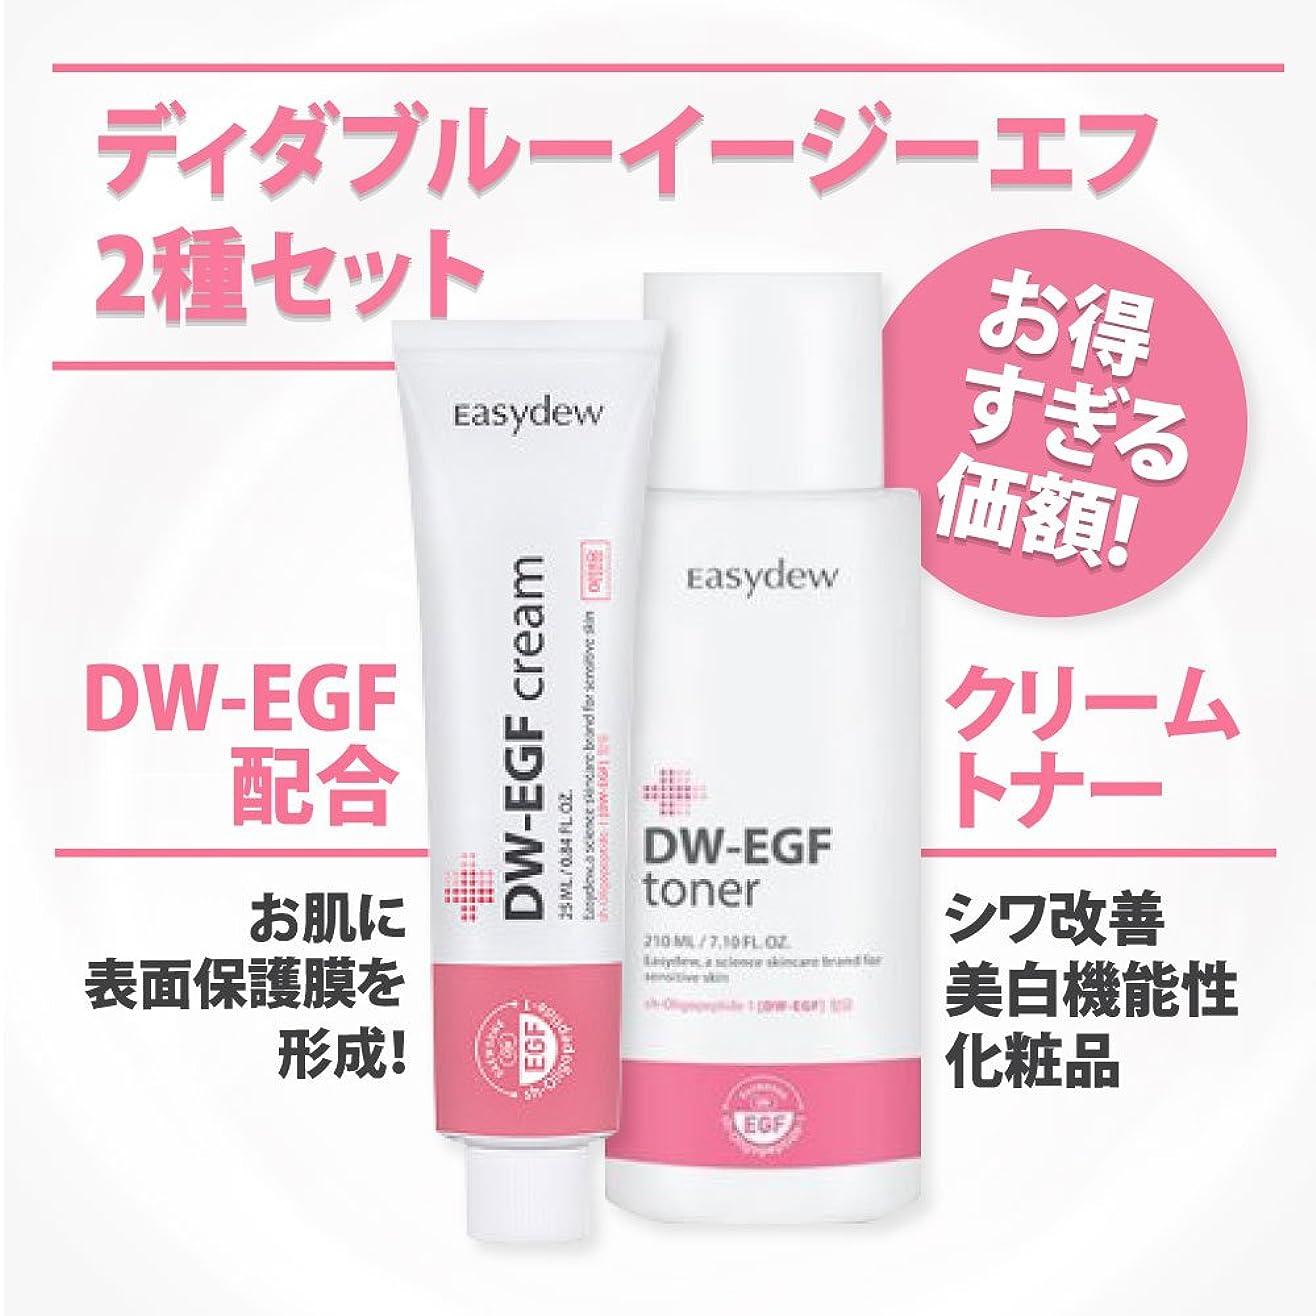 どう?資格交流するEasydew DW-EGF 化粧水 210ml クリーム 50ml セット Easydew DW-EGF Toner Cream Set 人気 スキンケア セット